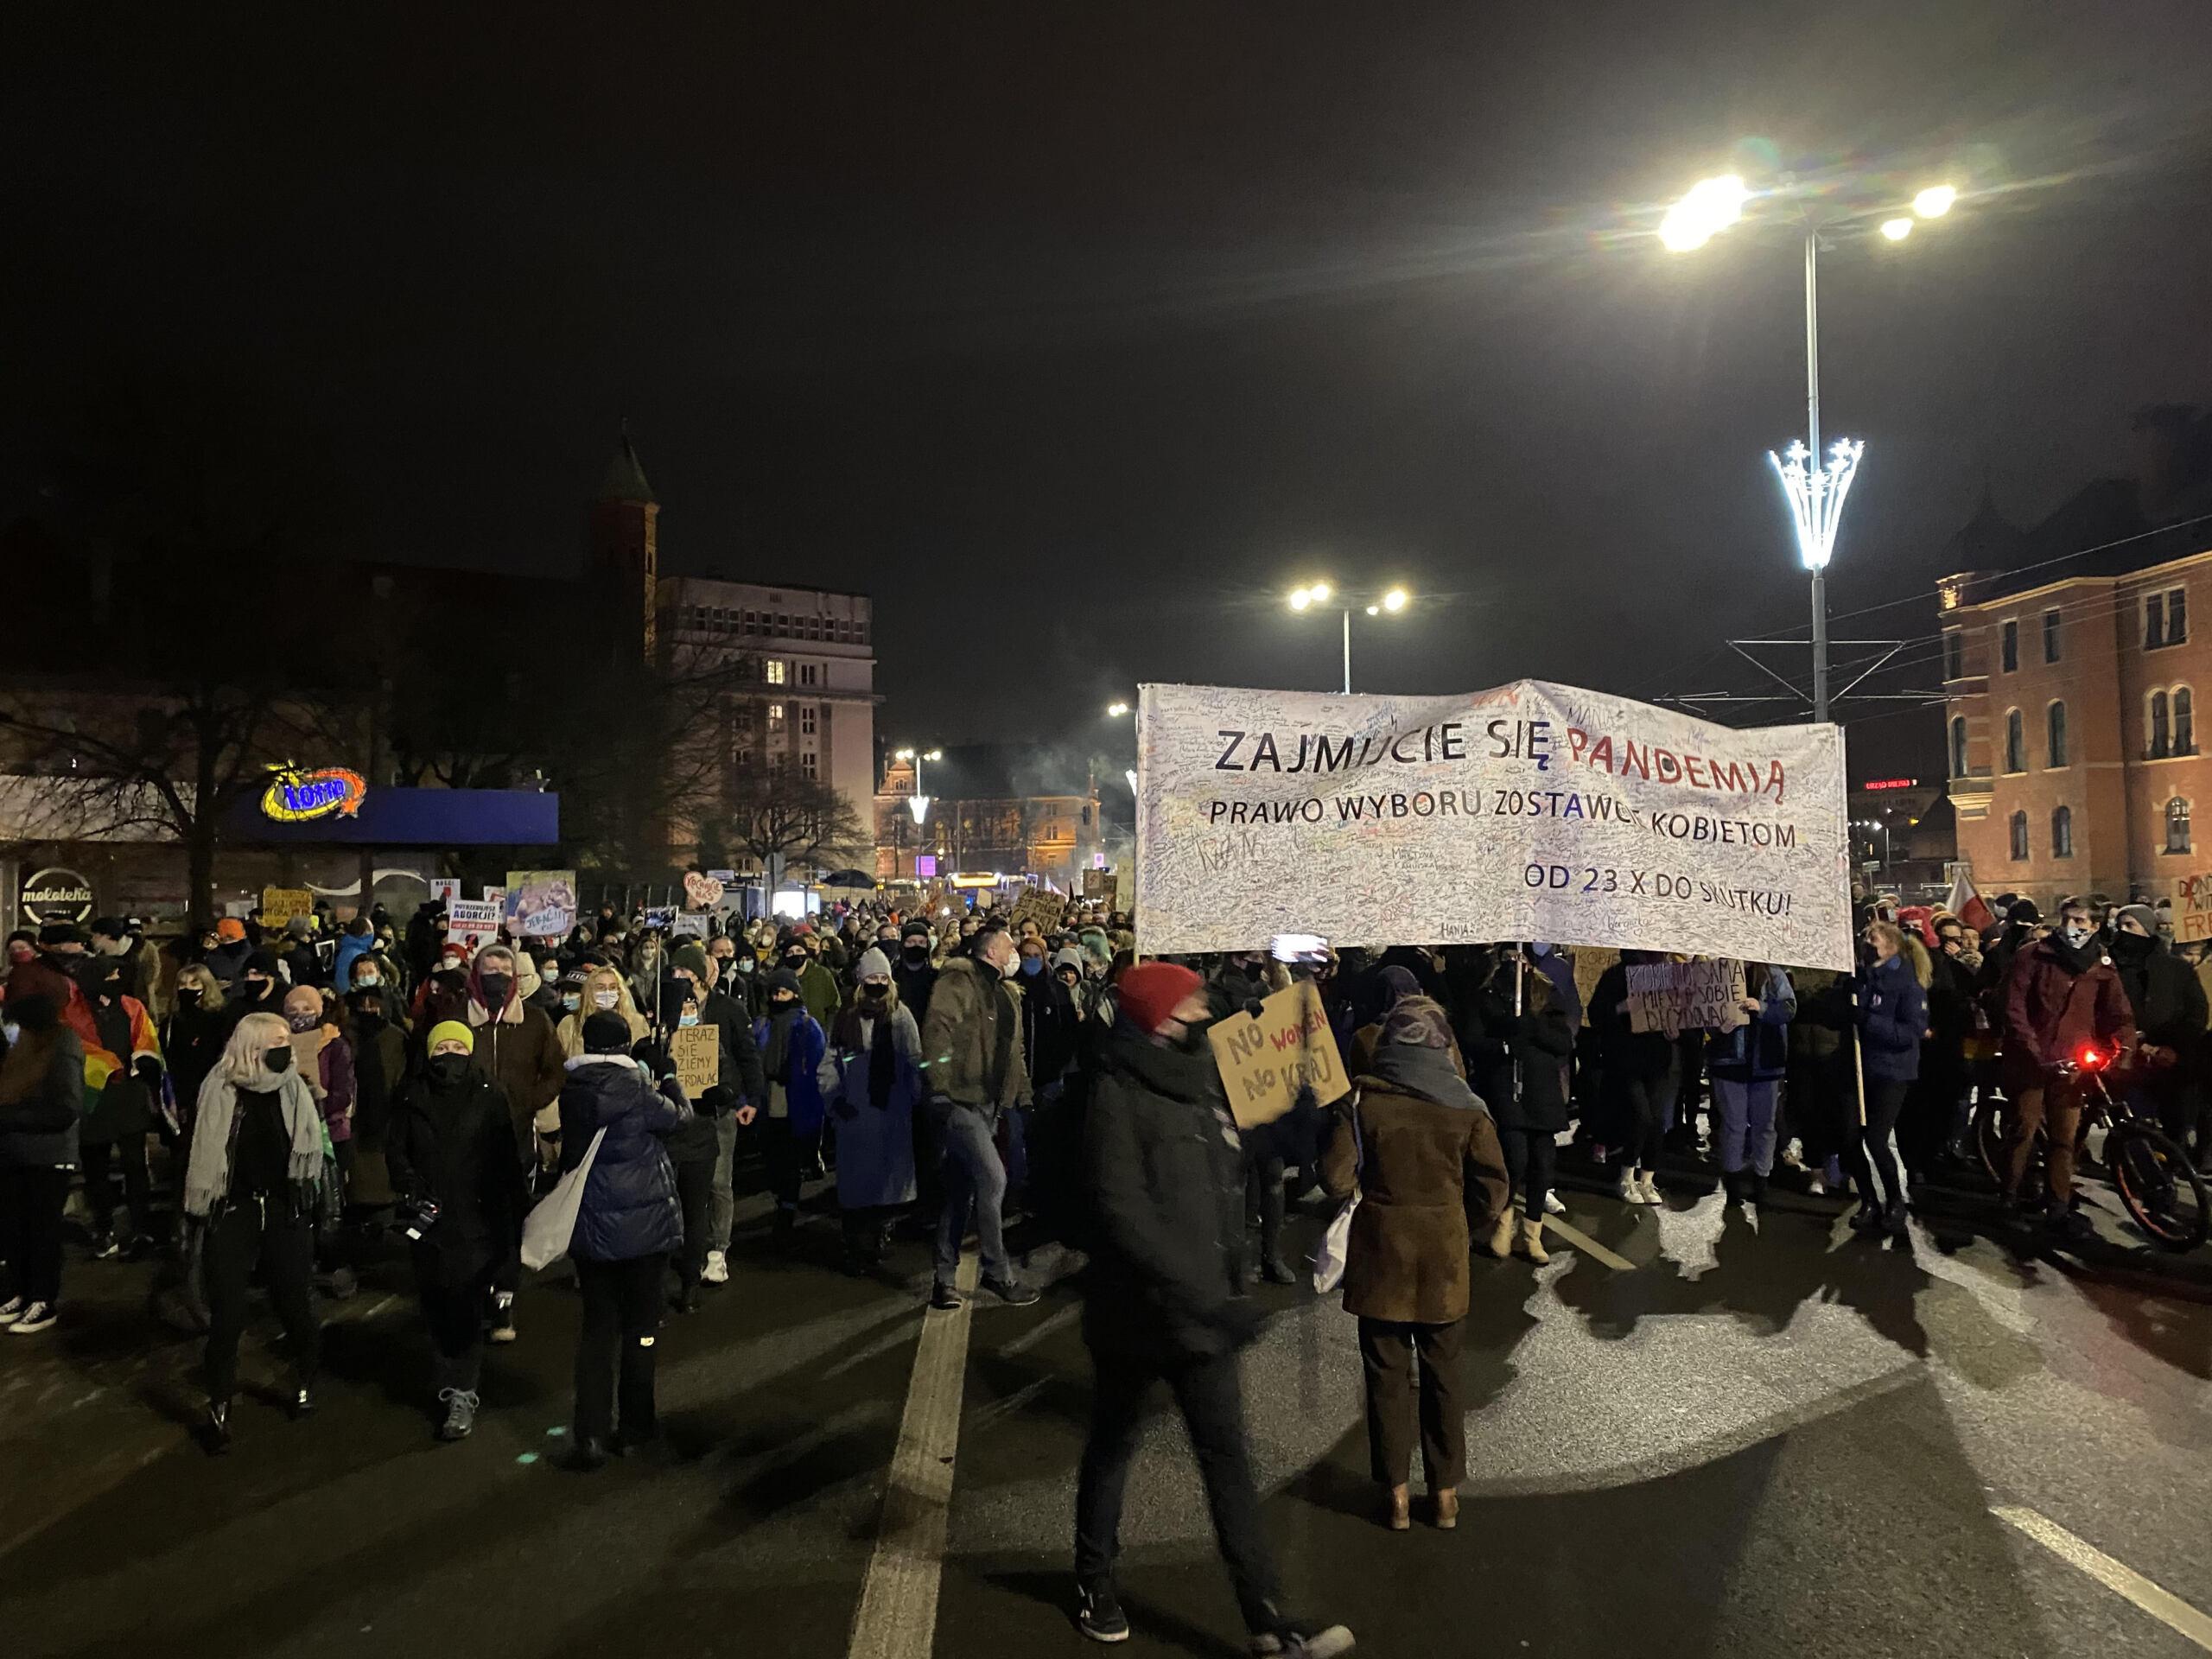 """Lydzie na demonstracji, widać transparent """"Zajmijcie sie pandemia, wybór zosrawcie kobietom"""""""